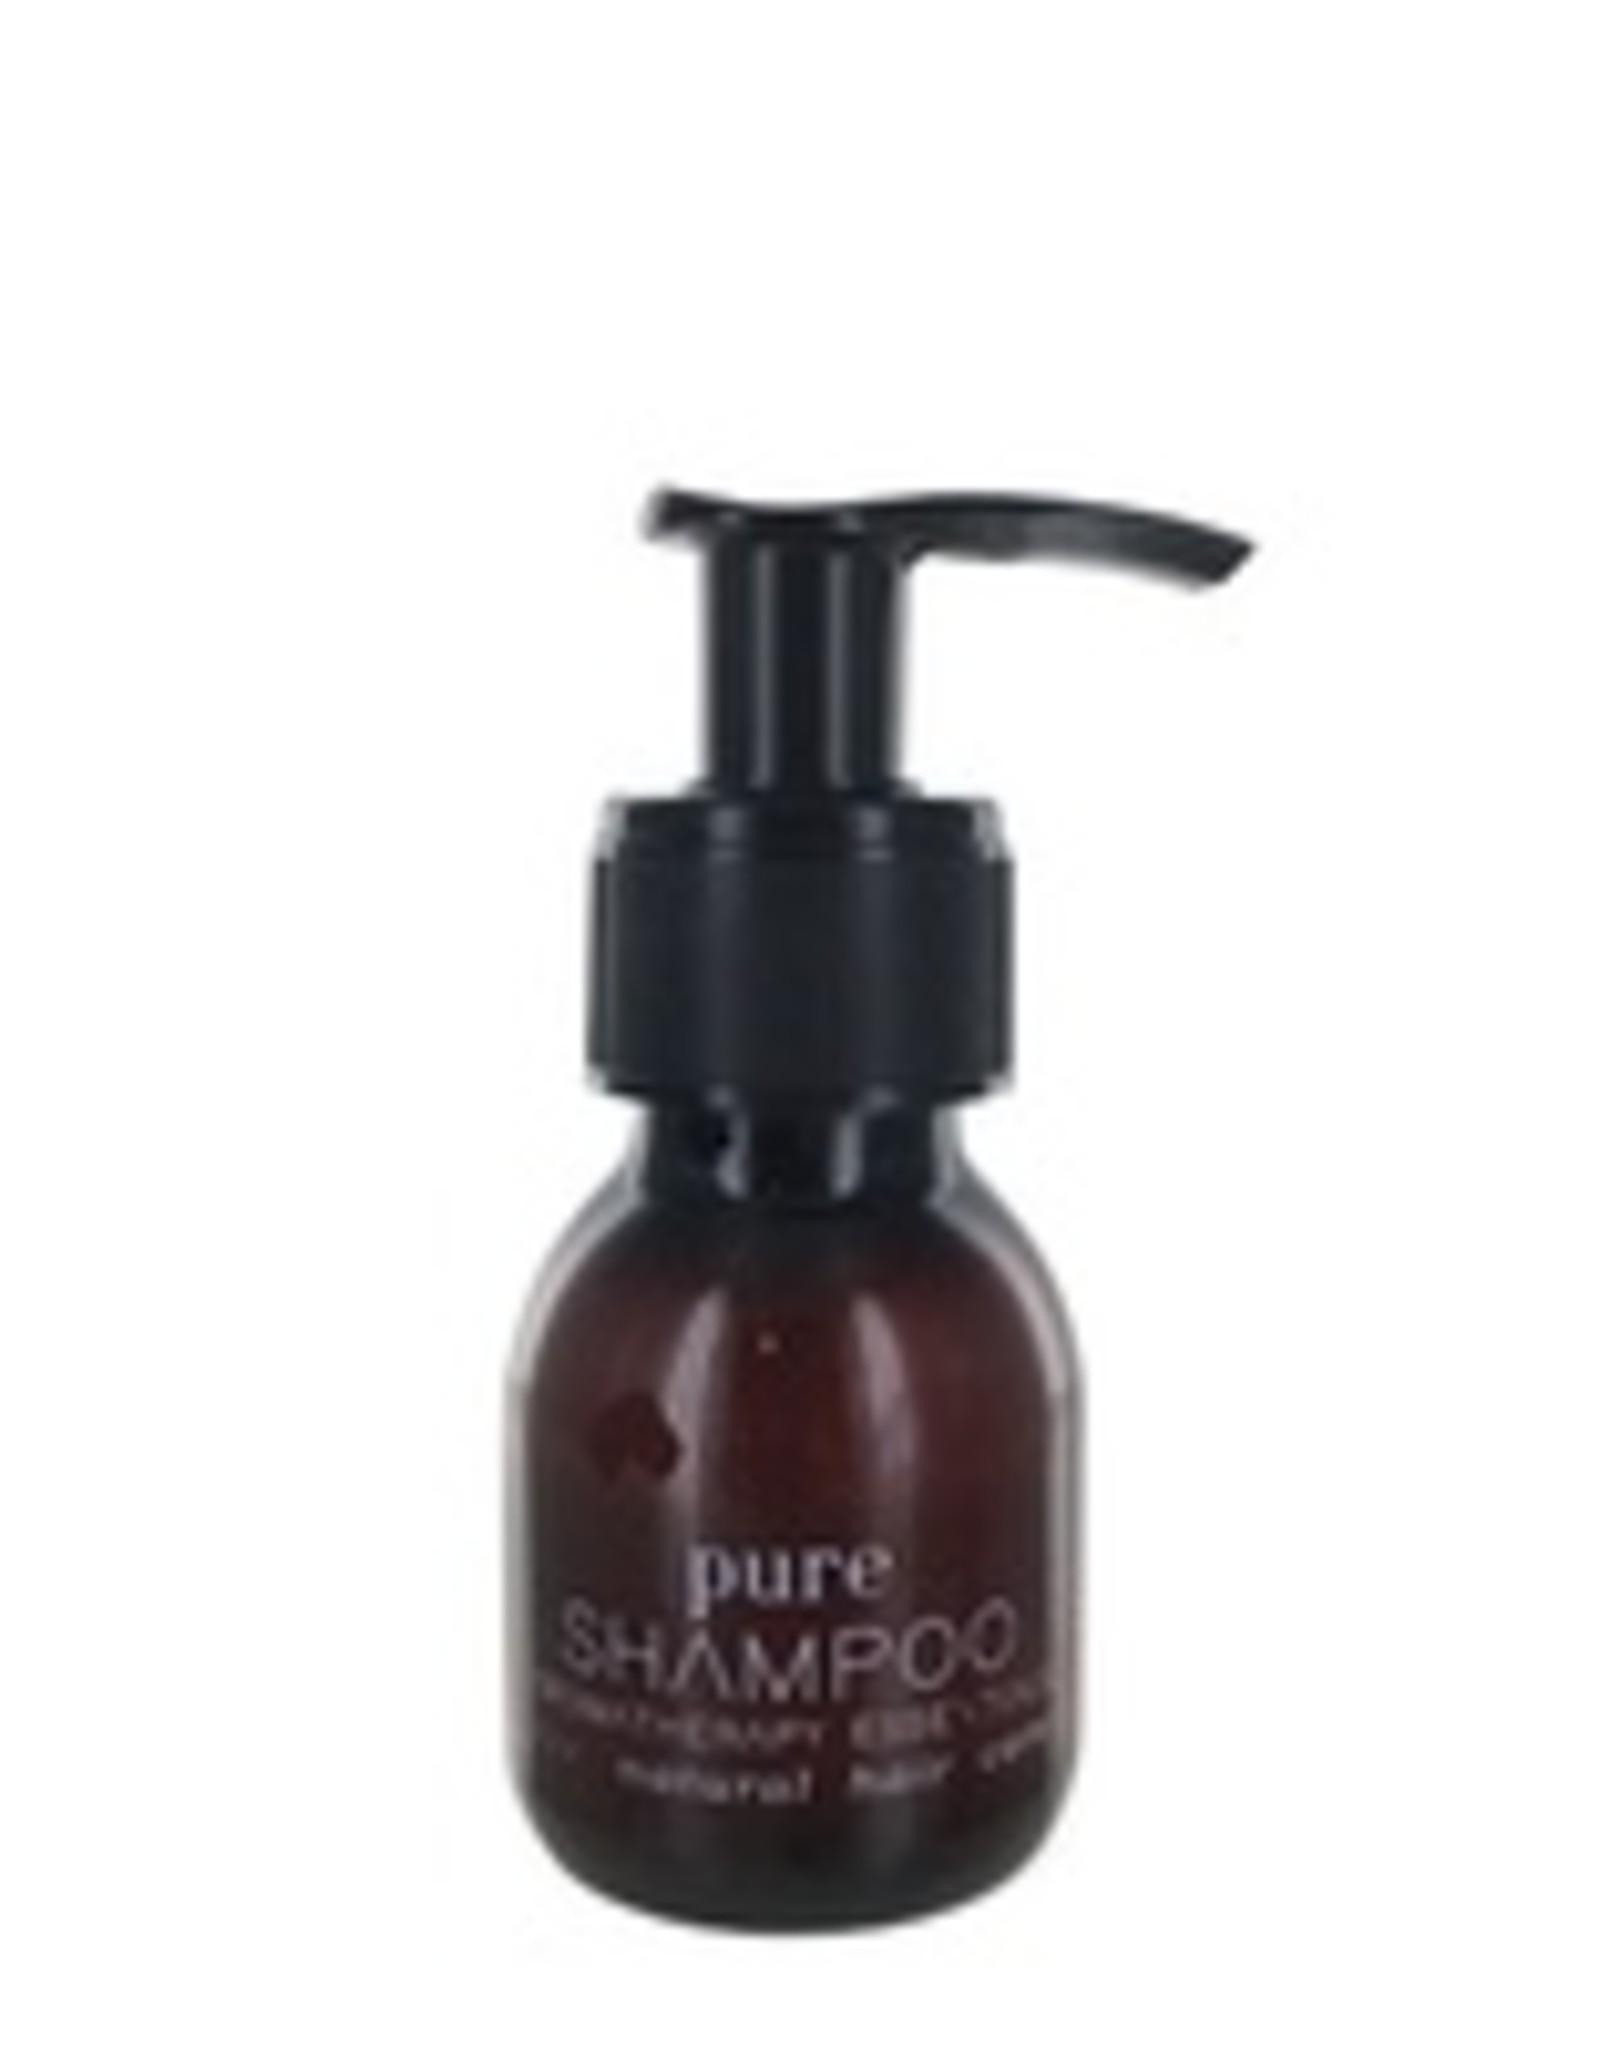 RainPharma Pure Shampoo 60ml (reisformaat) - Rainpharma